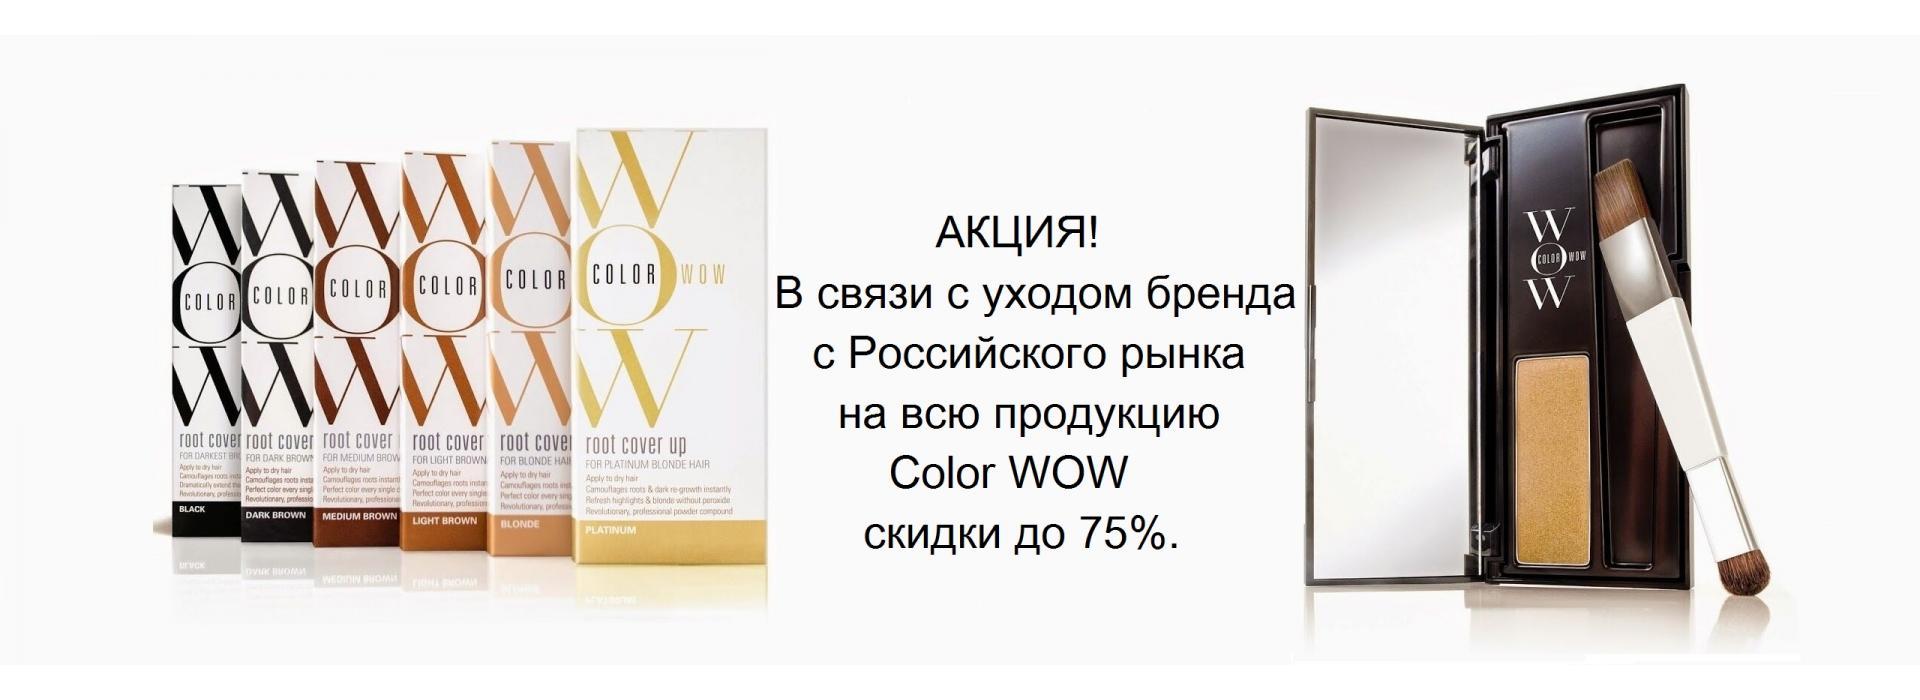 АКЦИЯ! На всю продукцию Color WOW скидки до 75%. В связи с уходом бренда с Российского рынка!